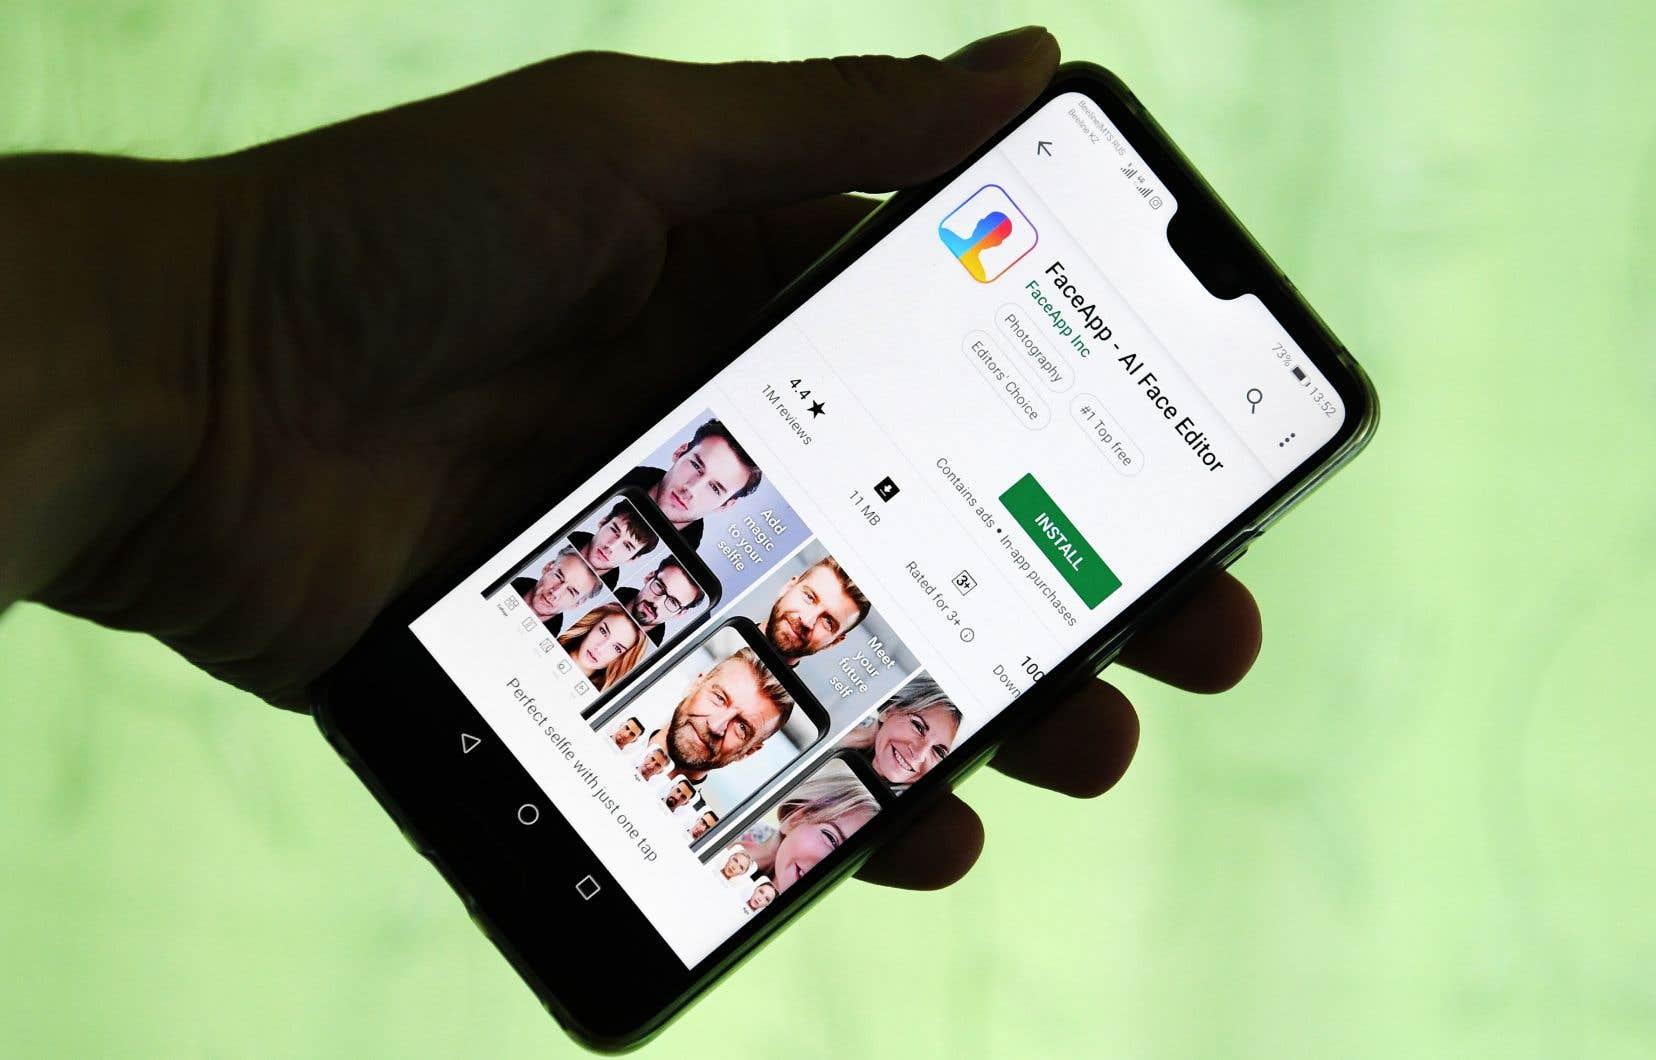 Développée en Russie par une petite équipe basée à Saint-Pétersbourg, l'application FaceApp est sortie en janvier 2017.